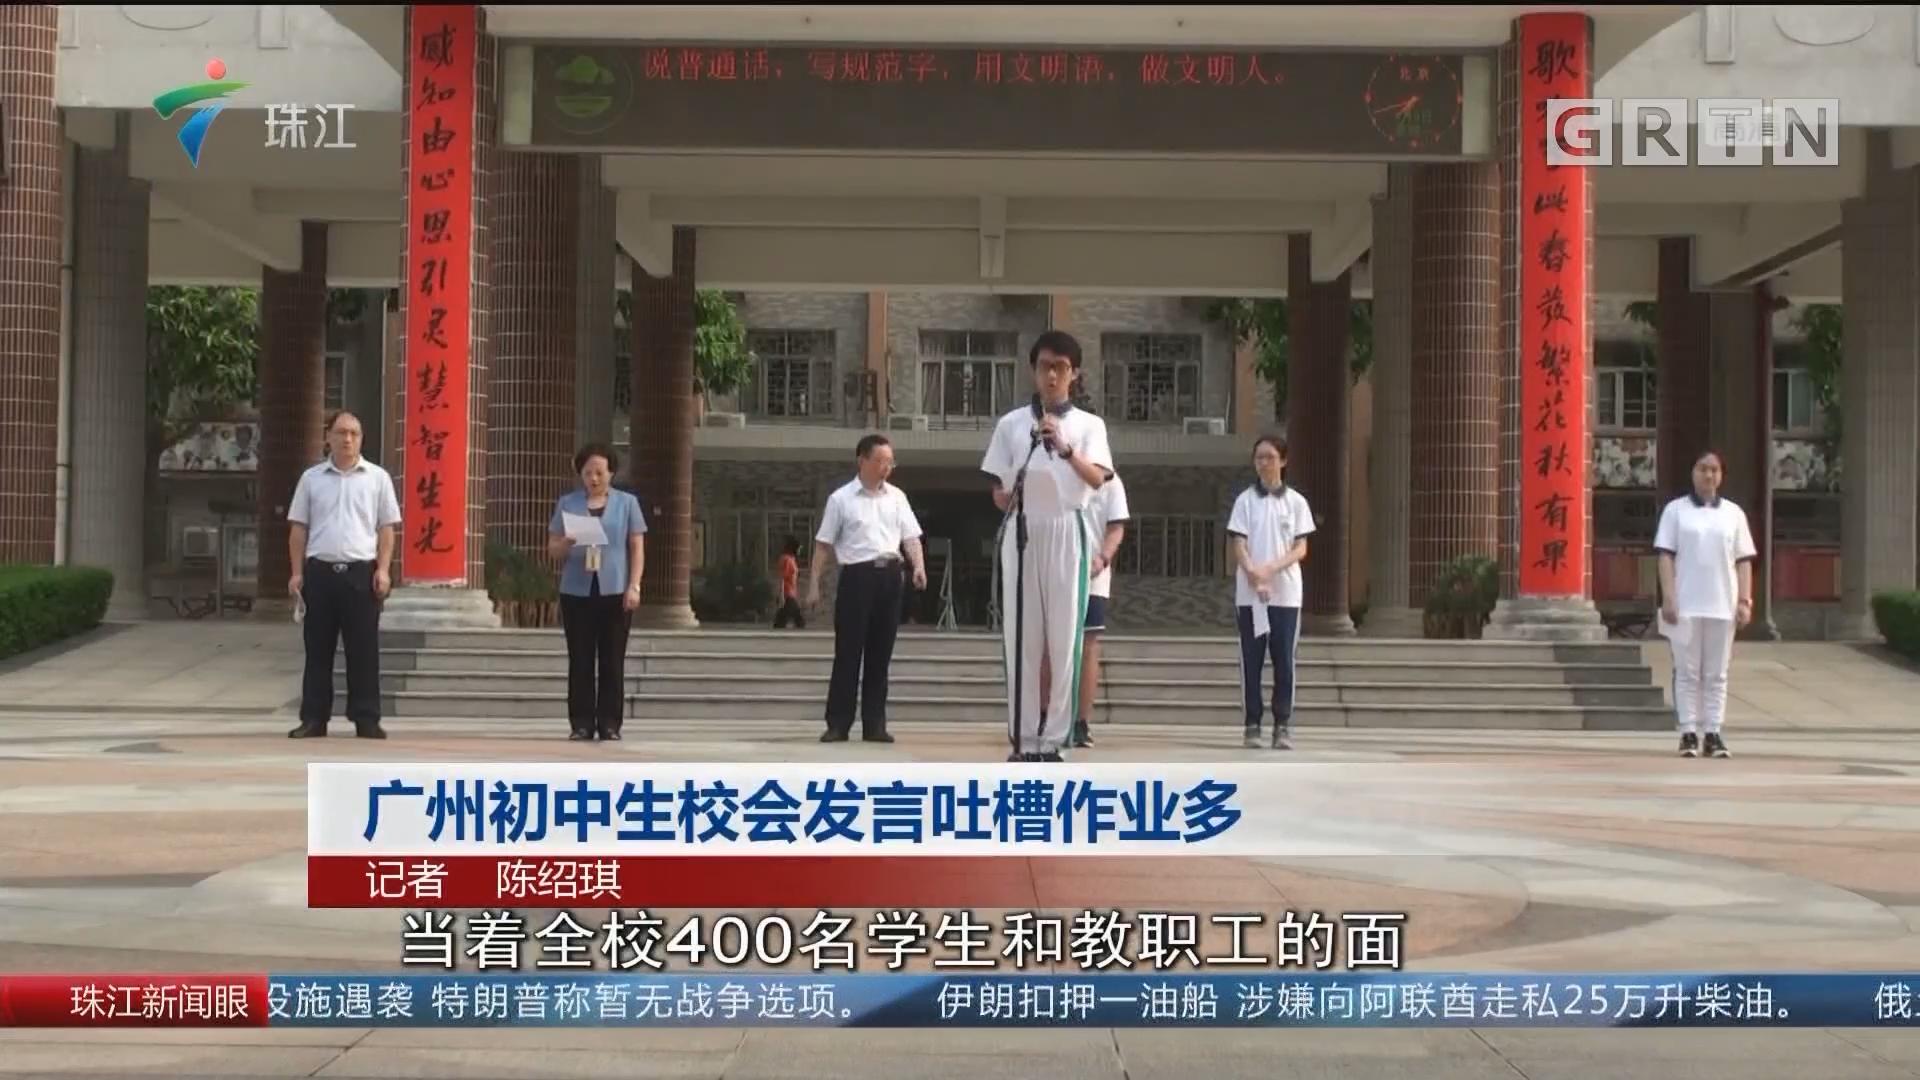 广州初中生校会发言吐槽作业多